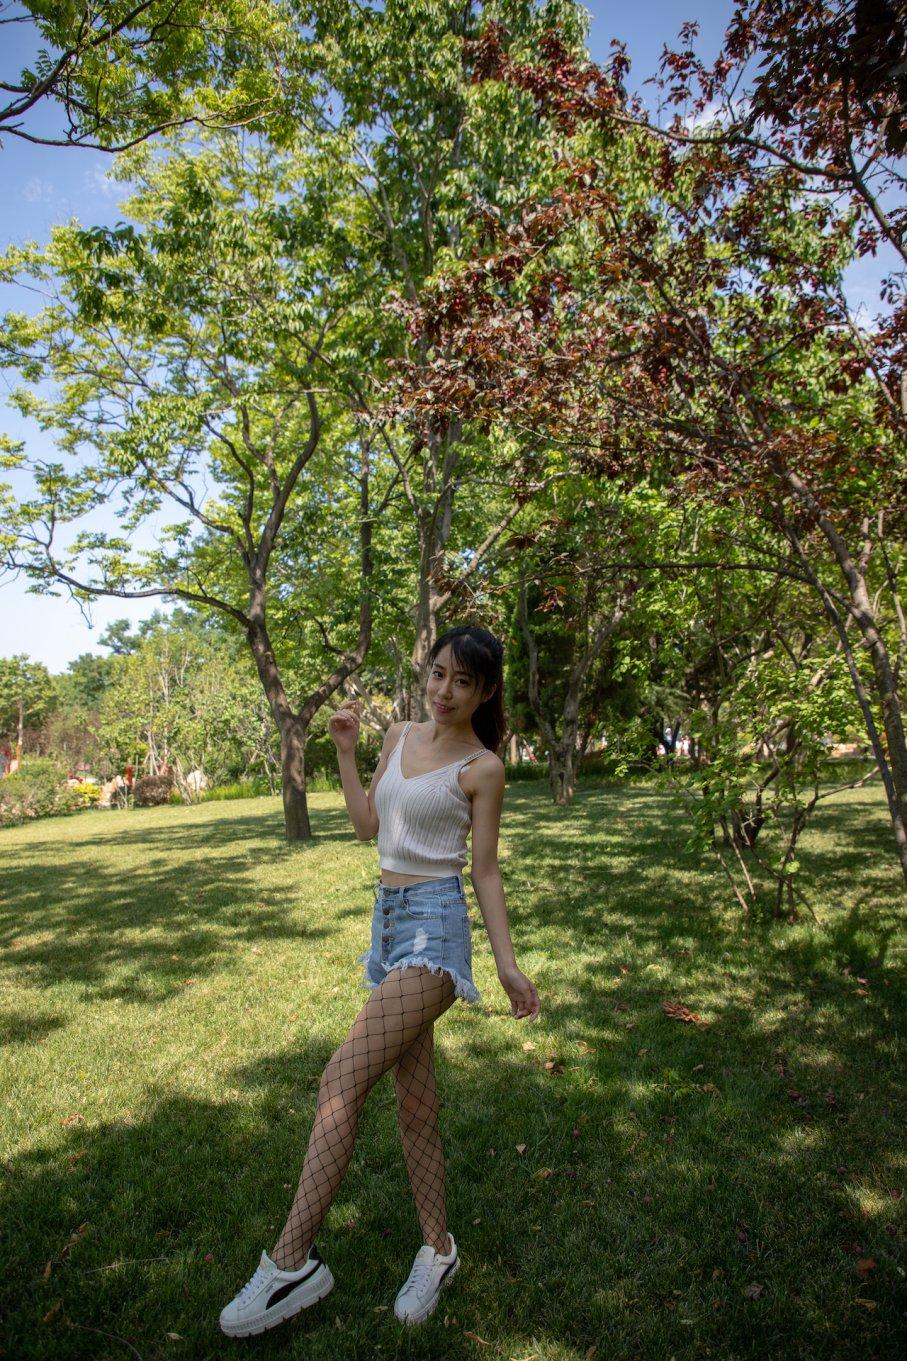 026期:小萱-白T恤与黑色渔网袜更配哦(板鞋、渔网袜)